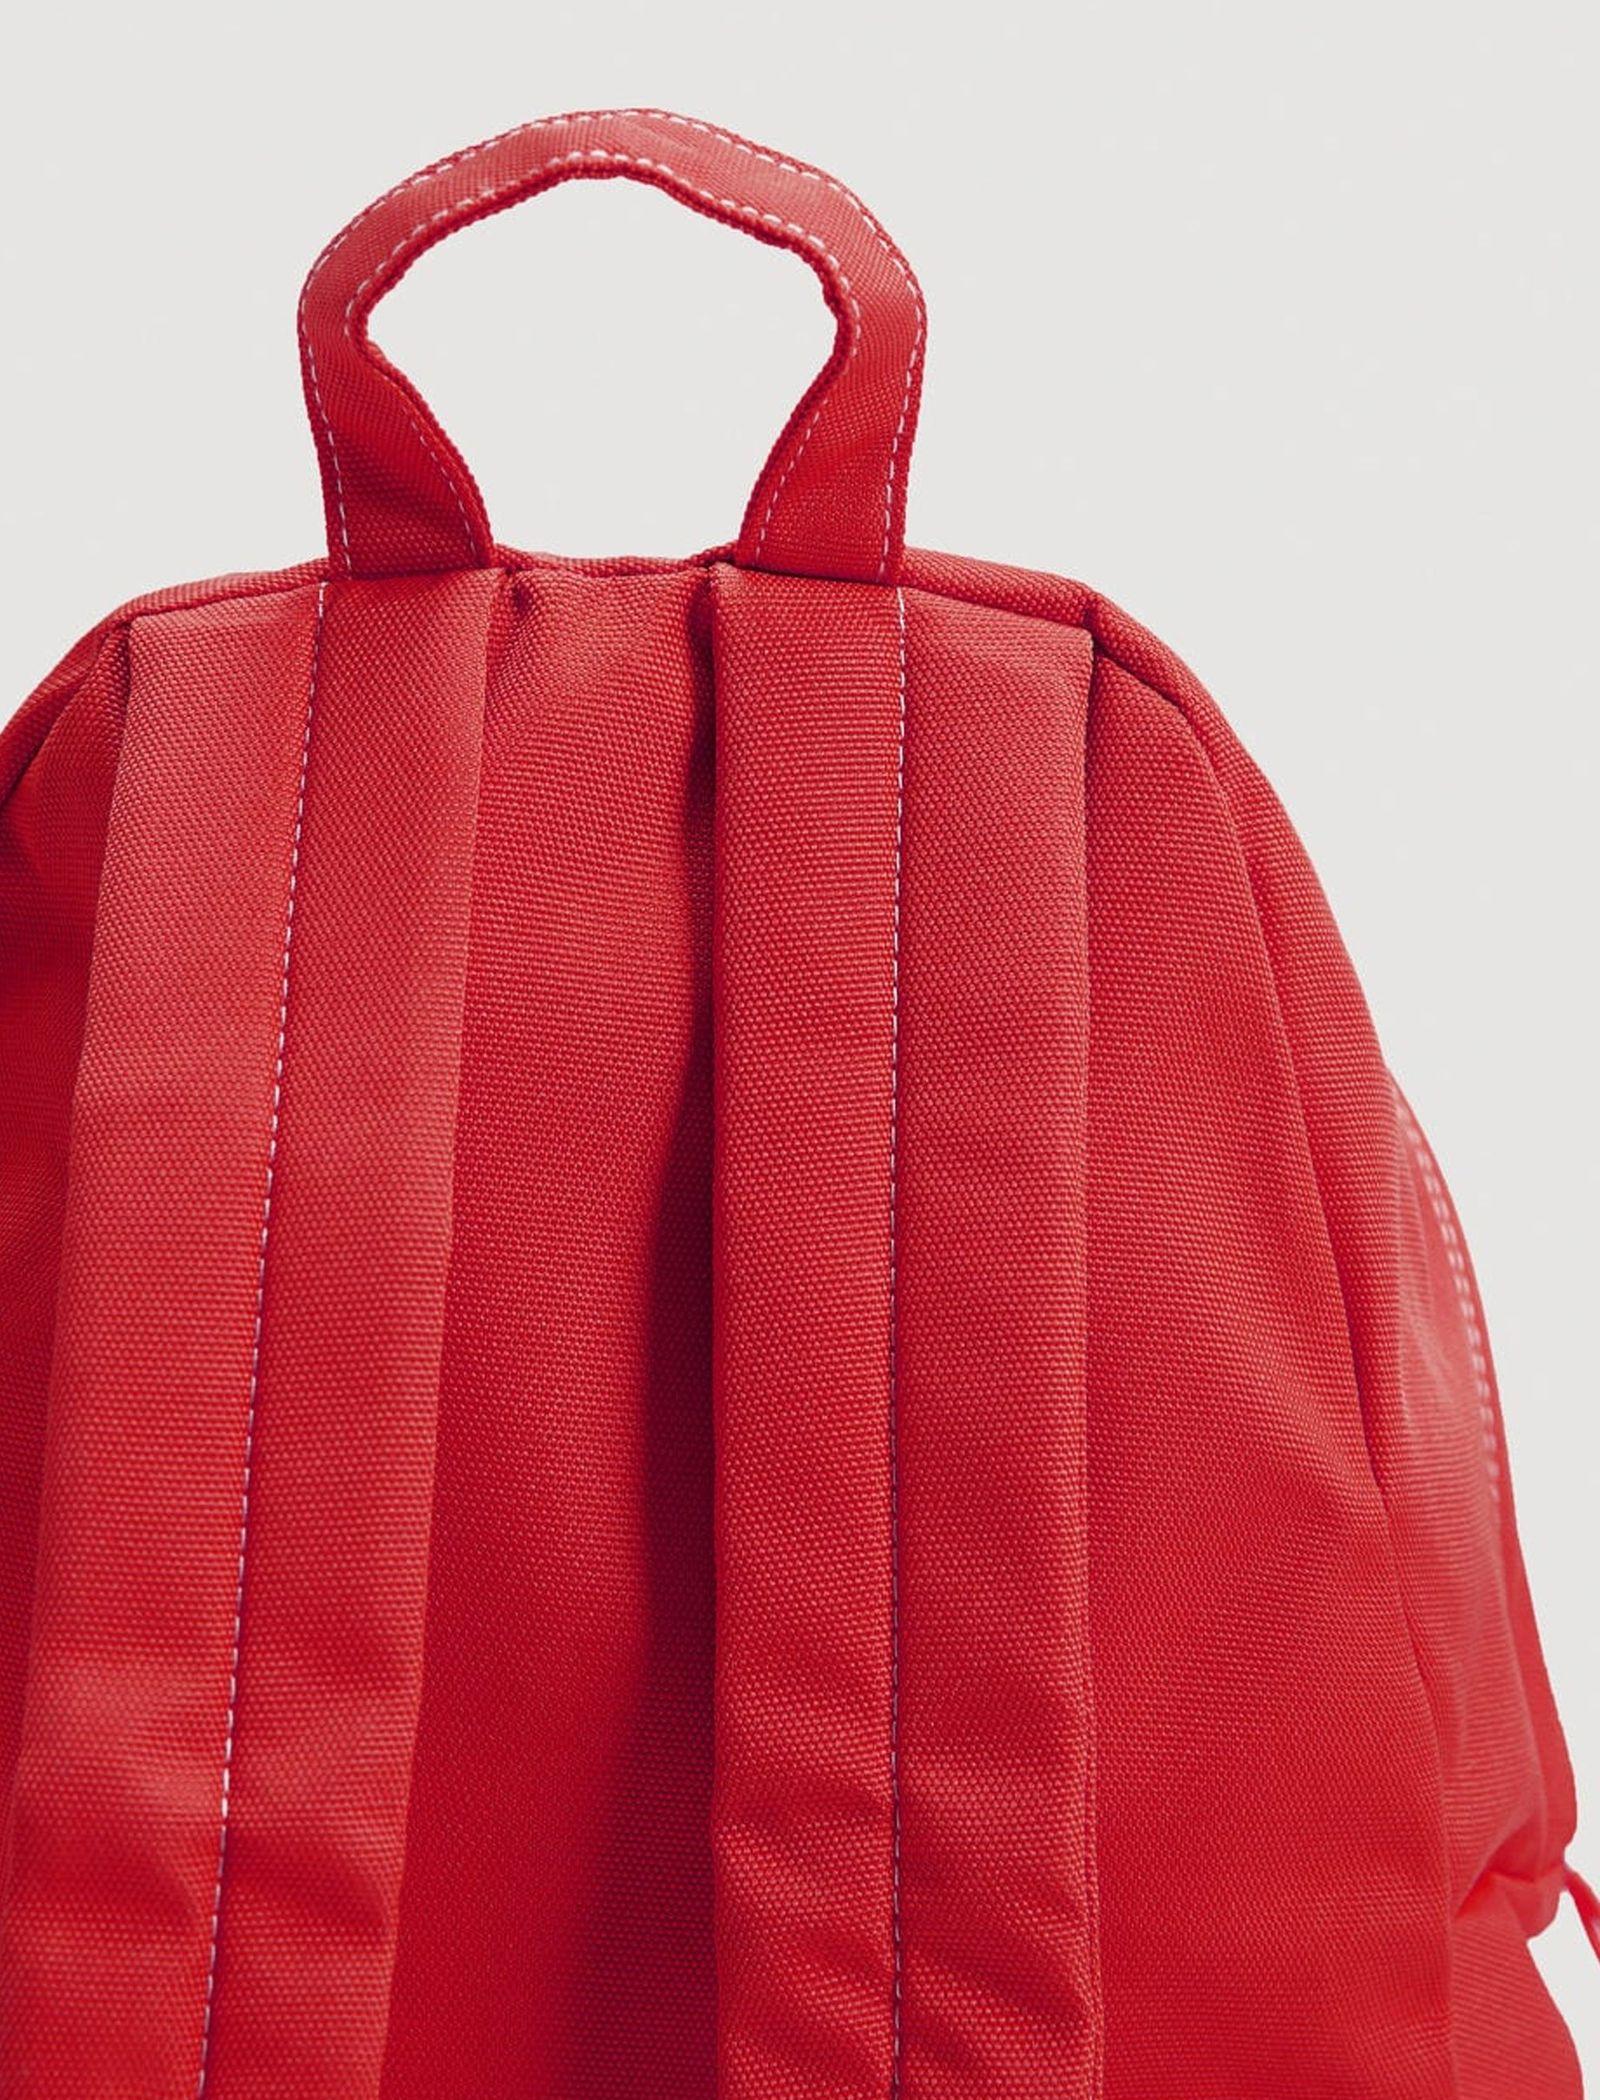 کوله پشتی روزمره مردانه - مانگو - قرمز - 4